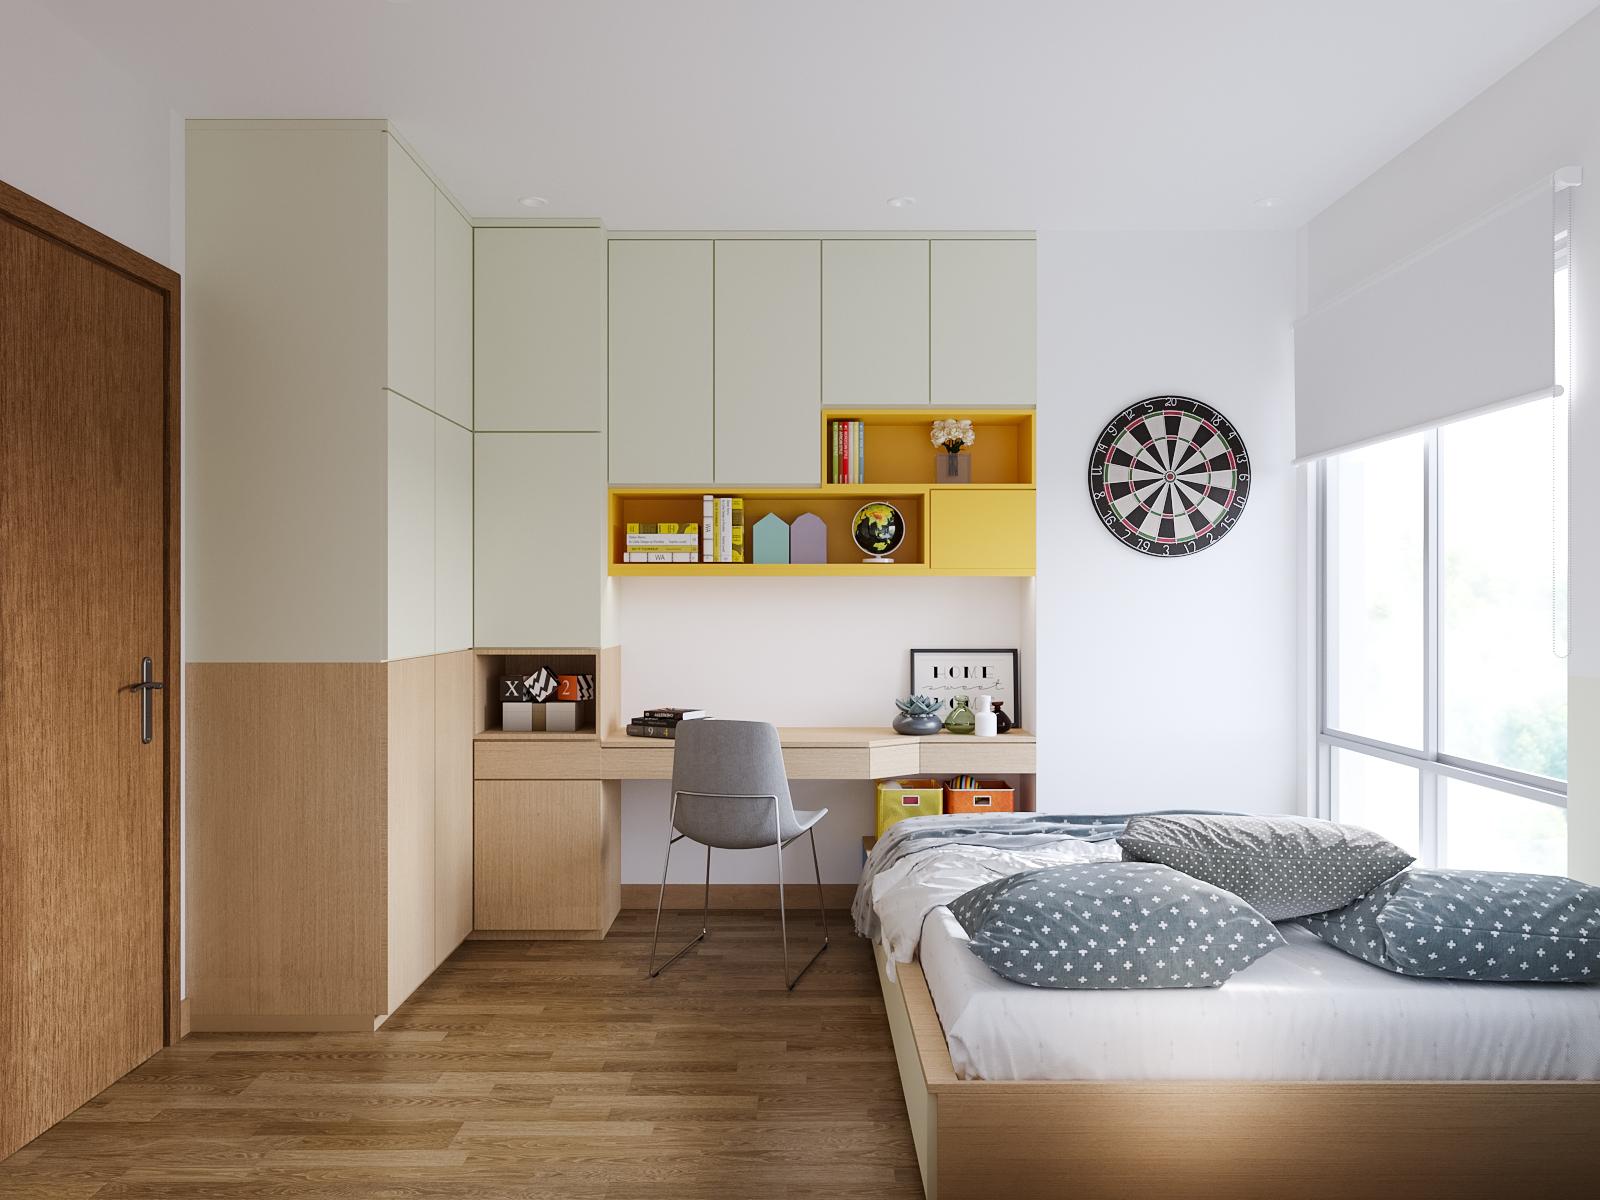 Nội thất phòng ngủ nhỏ căn hộ The View